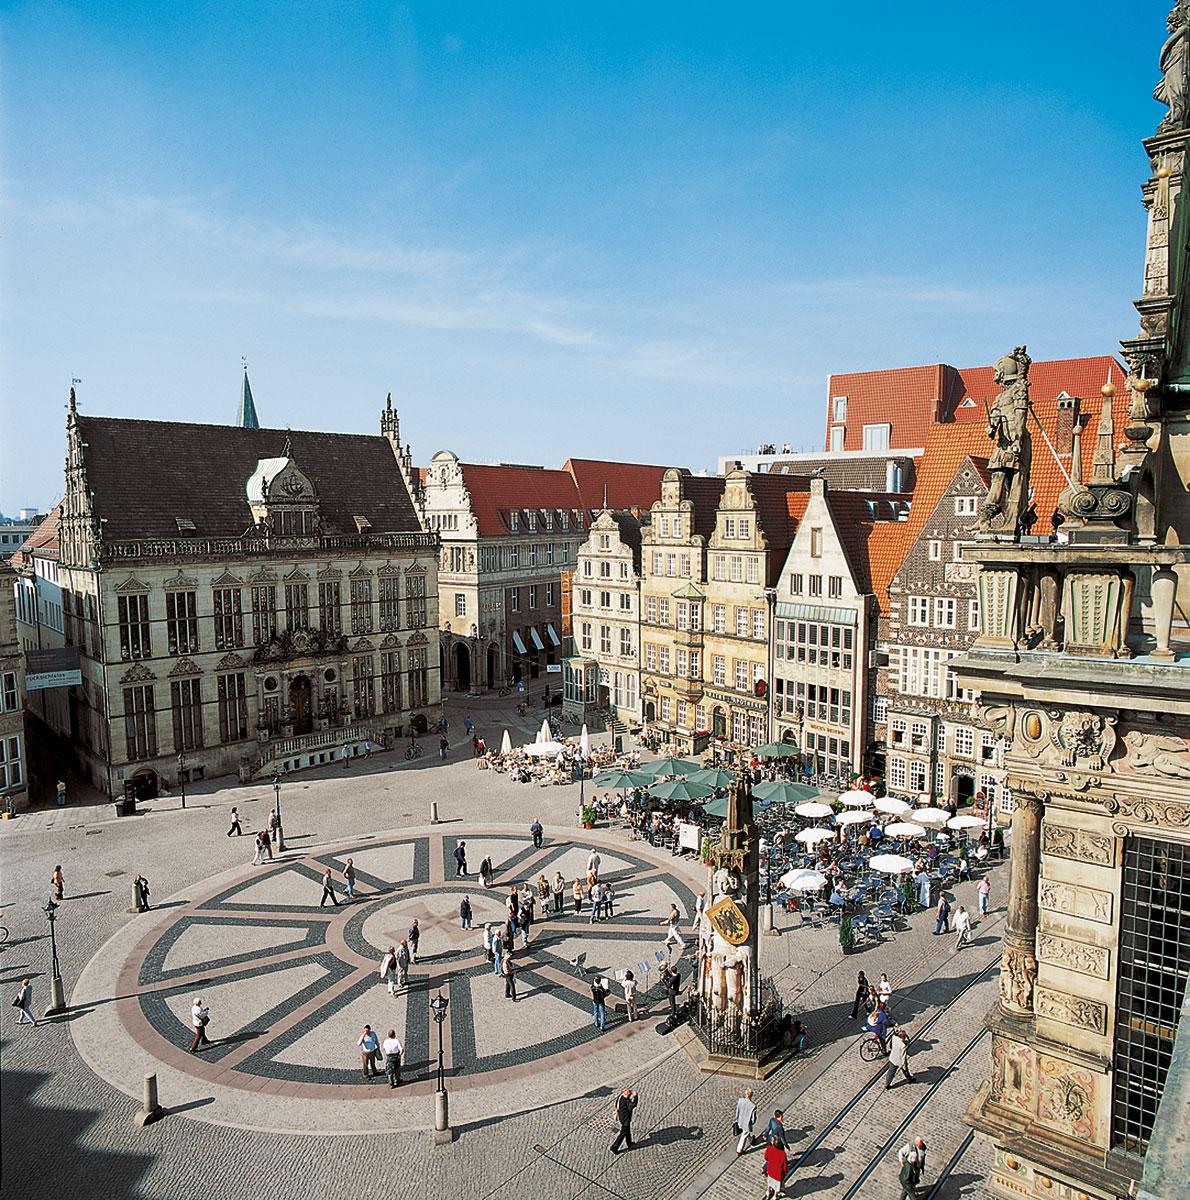 Blick auf den Schütting, das Gebäude der Bremer Kaufmannschaft, und die Westseite des Bremer Marktplatzes mit dem Roland